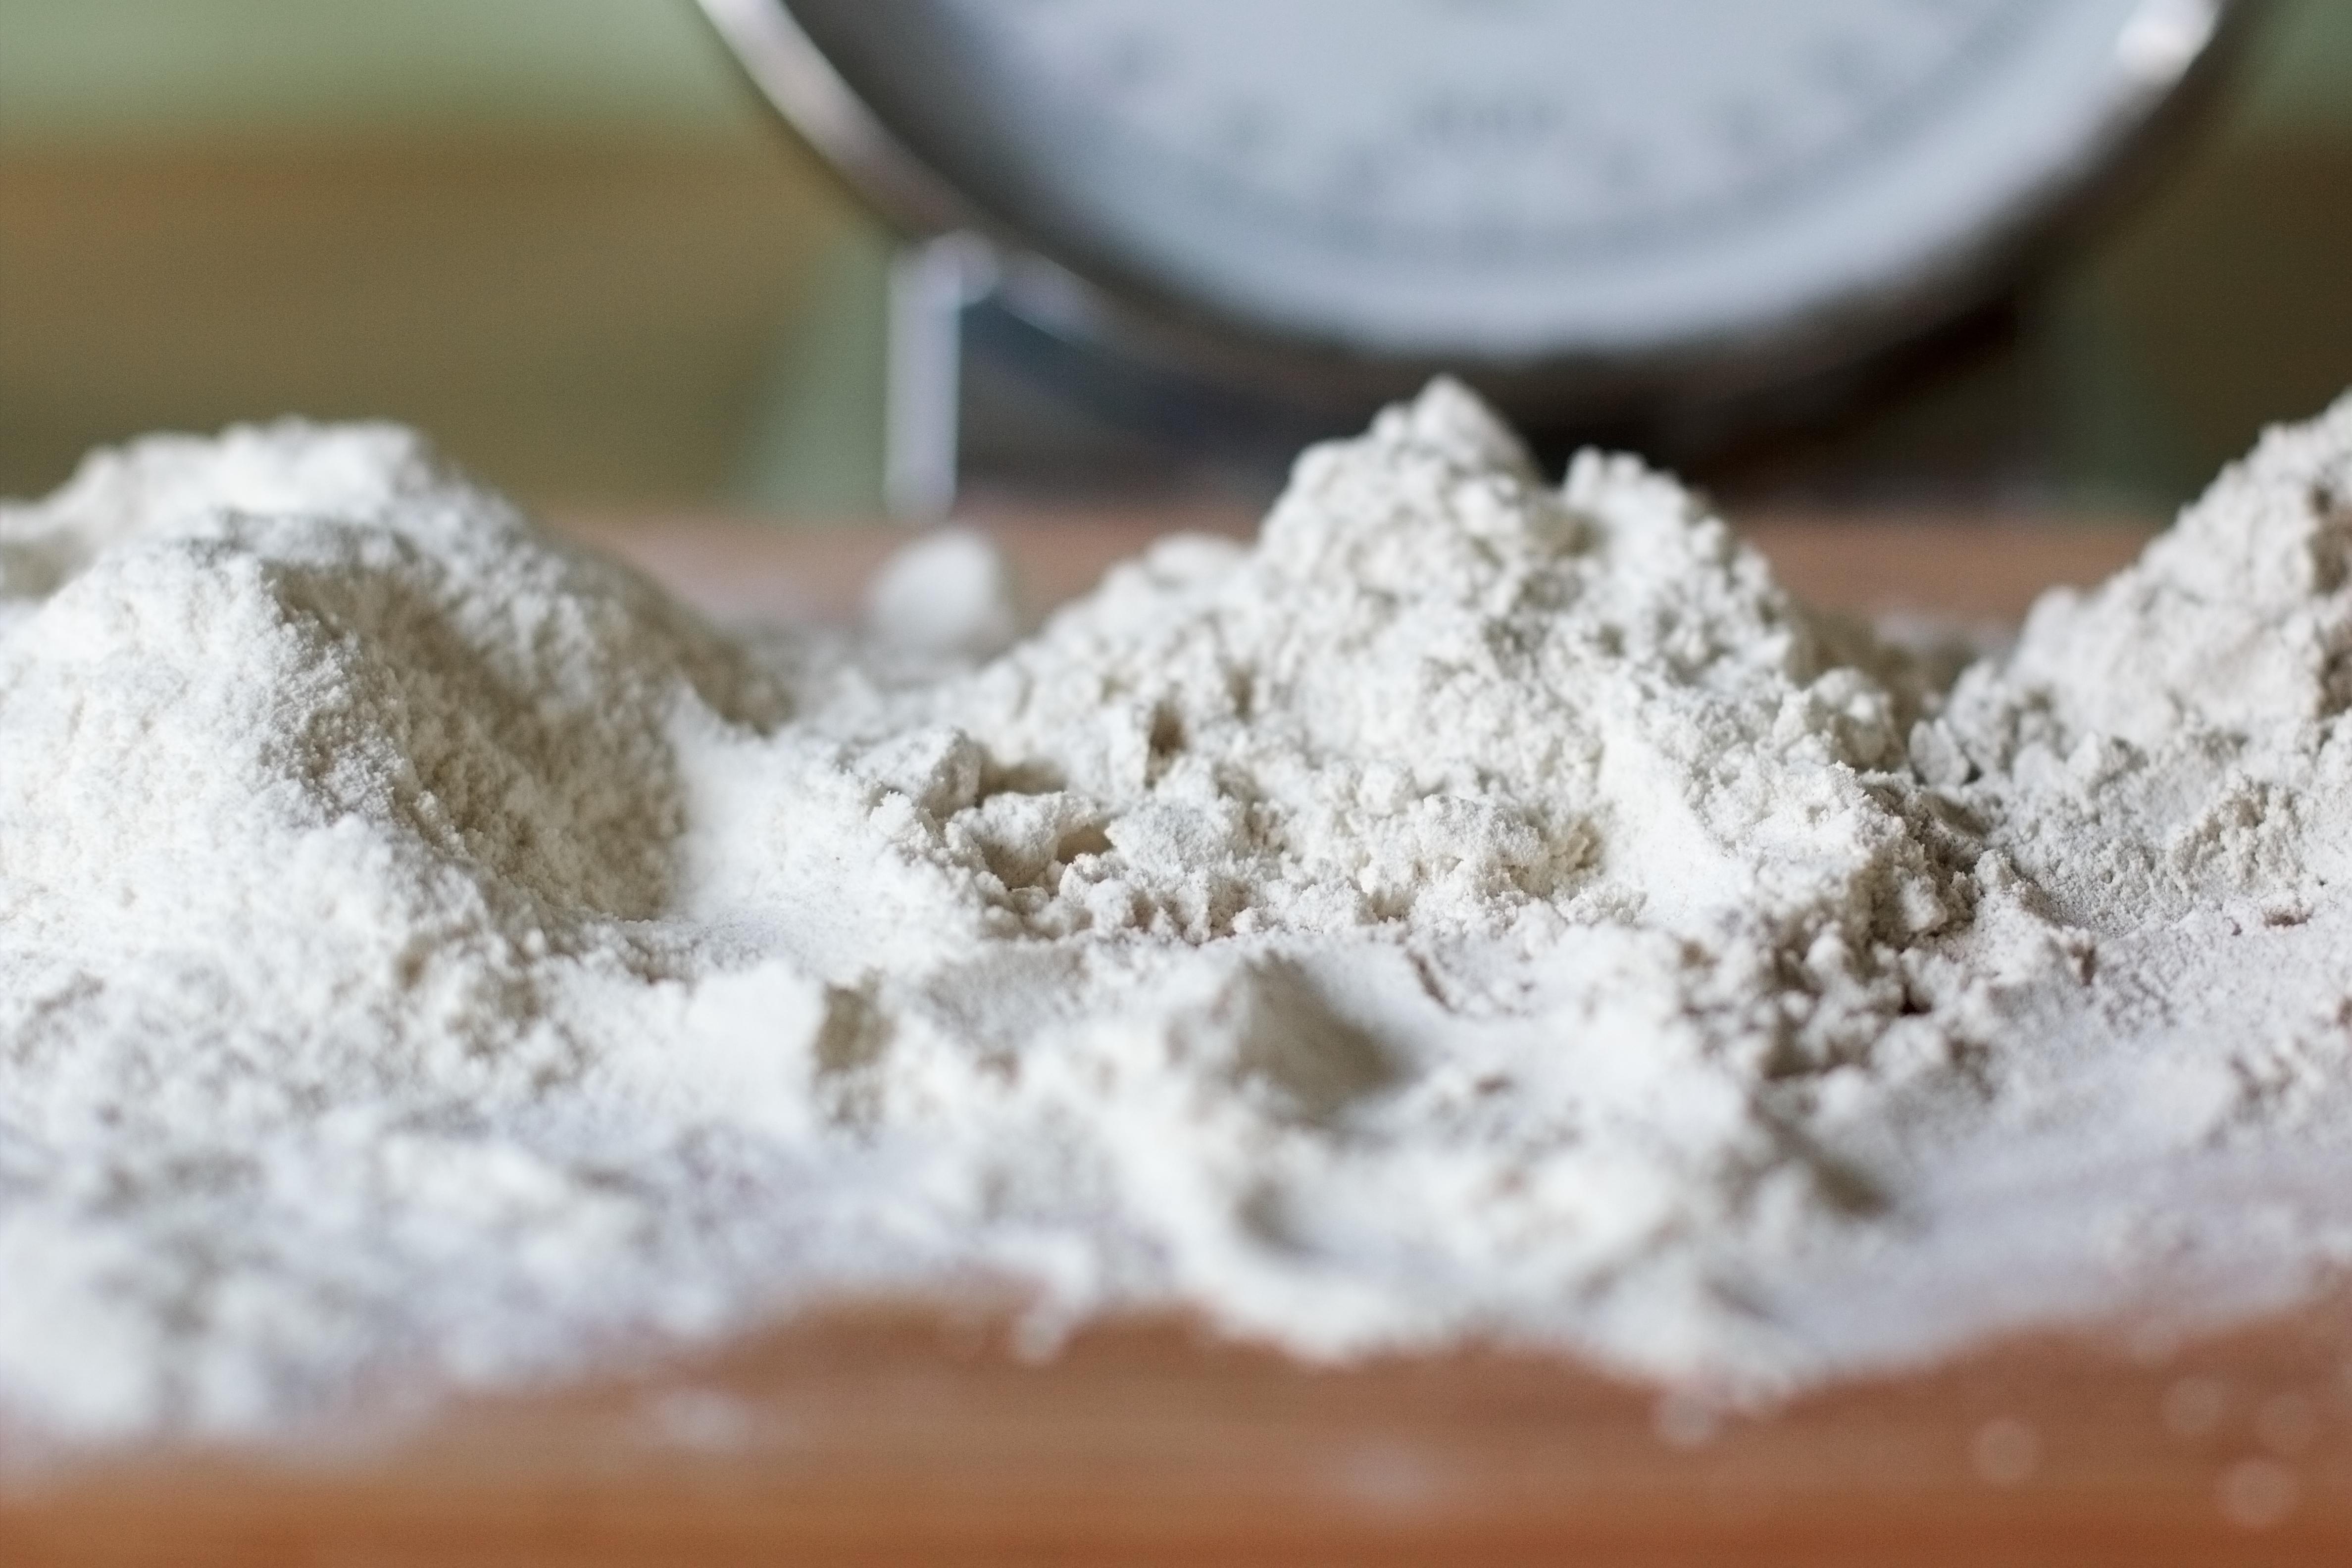 come sostituire la farina di forza